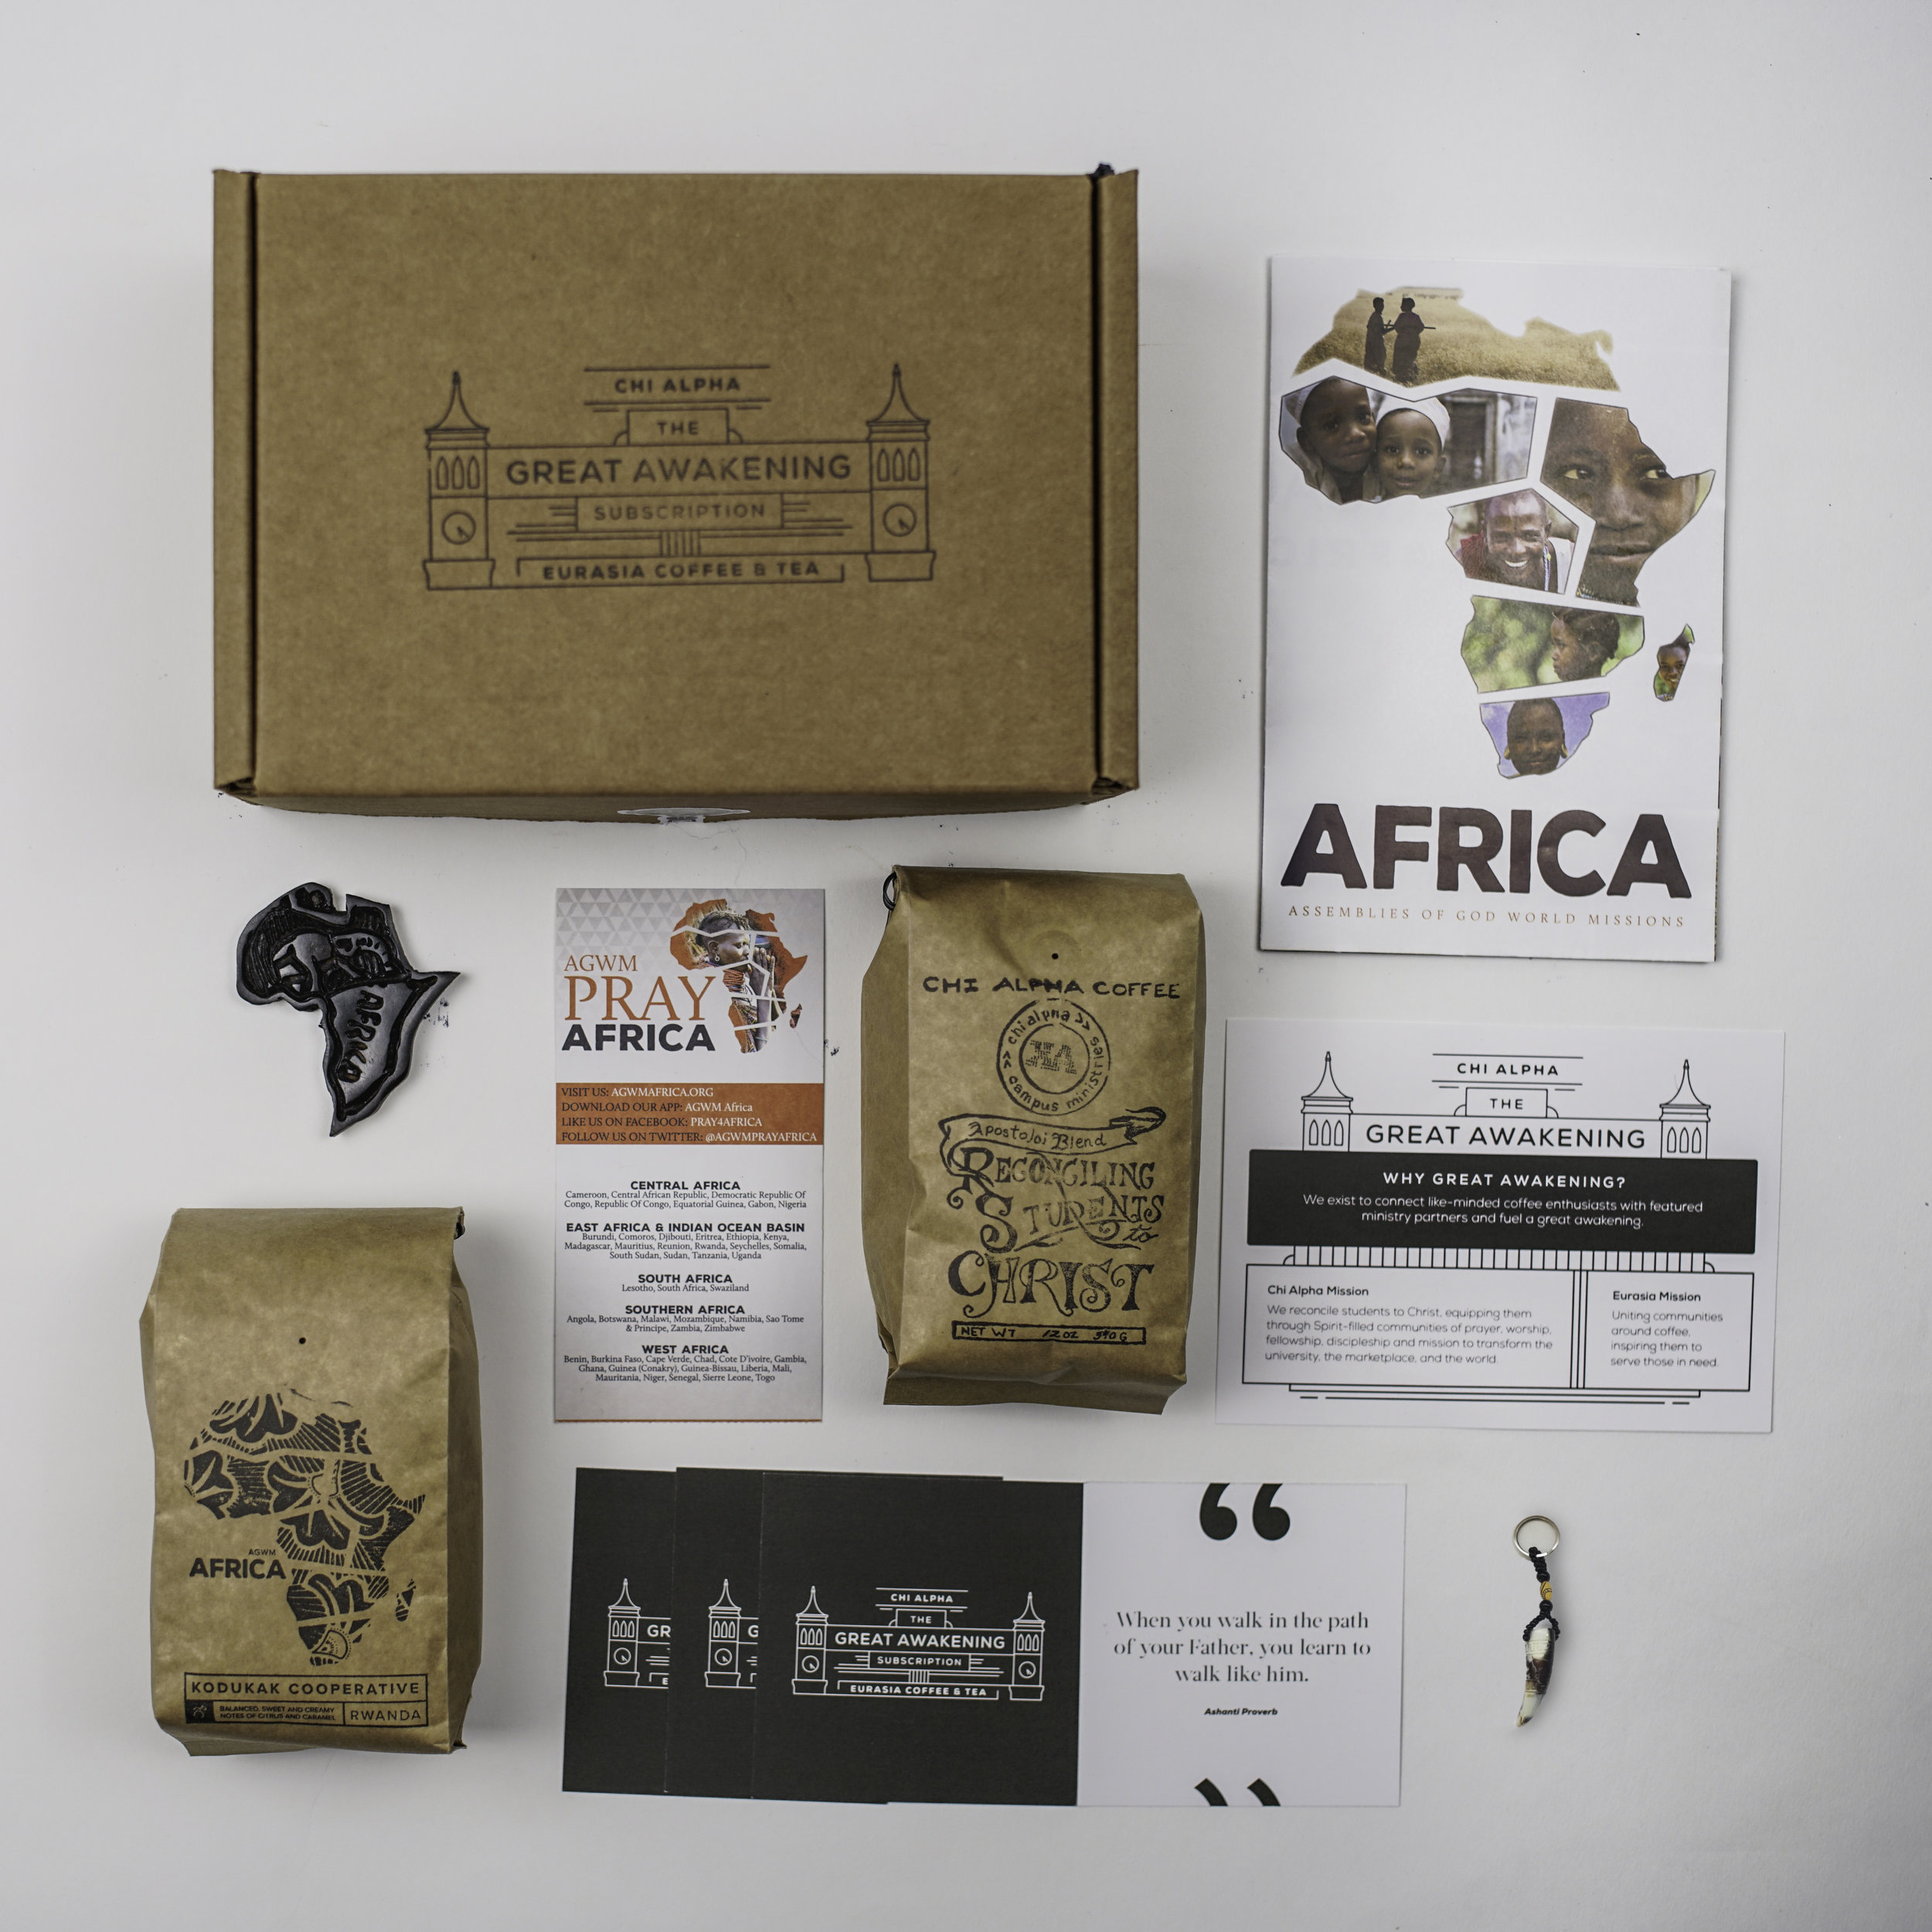 Box 4: AGWM Africa Region